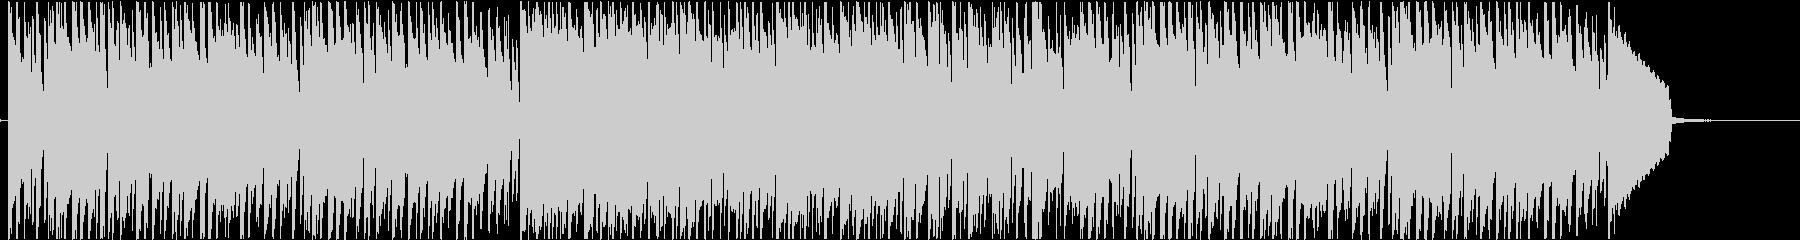 ビブラフォンが主旋律の軽快なインストの未再生の波形